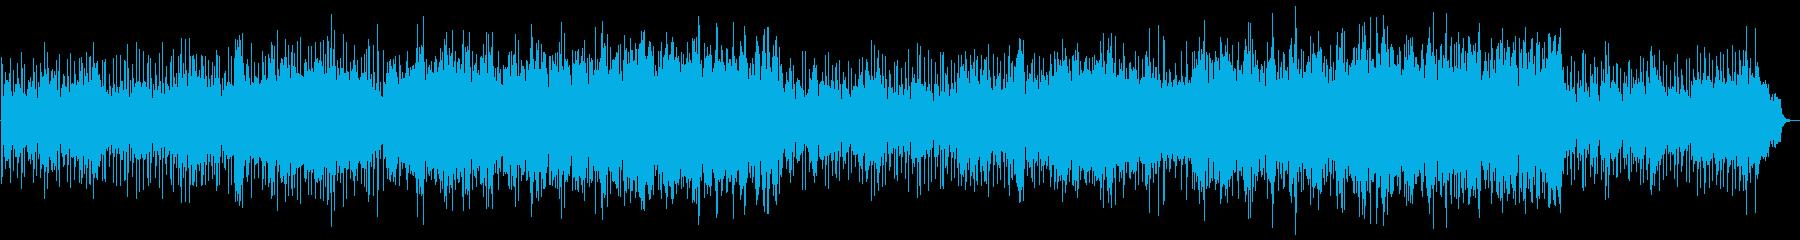 キラキラした音色がかわいいポップスの再生済みの波形